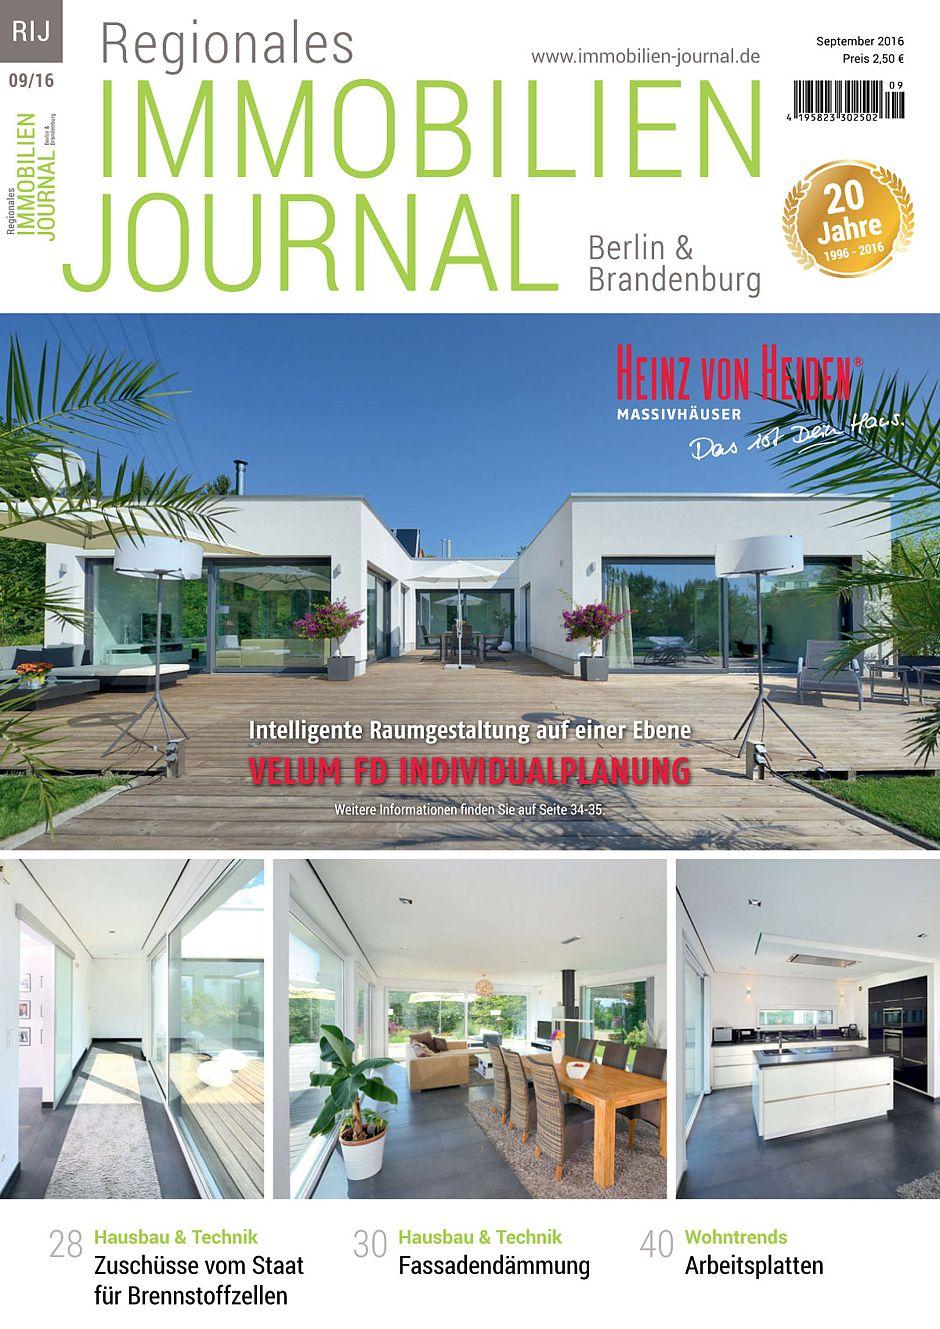 Regionales immobilien journal berlin brandenburg september for Hausbaufirmen brandenburg